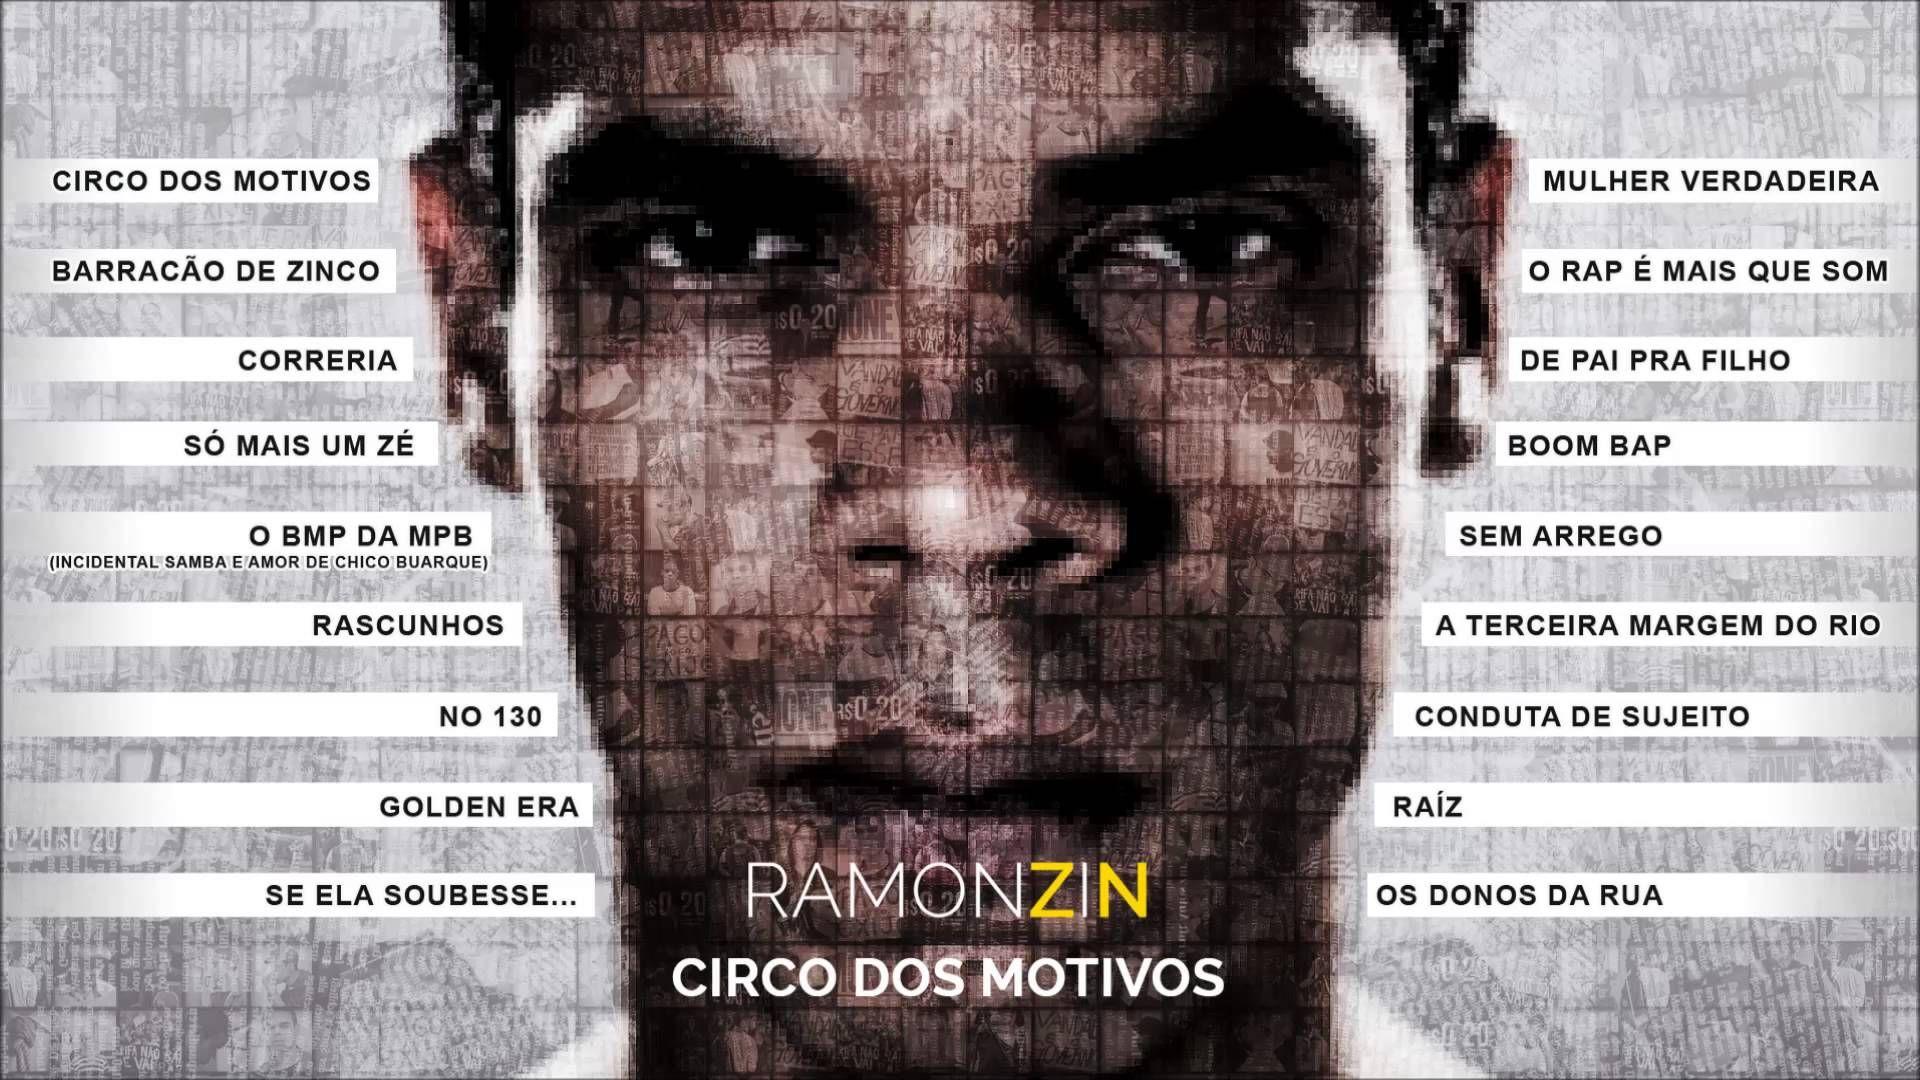 Ramonzin - Circo dos Motivos (Full Album)